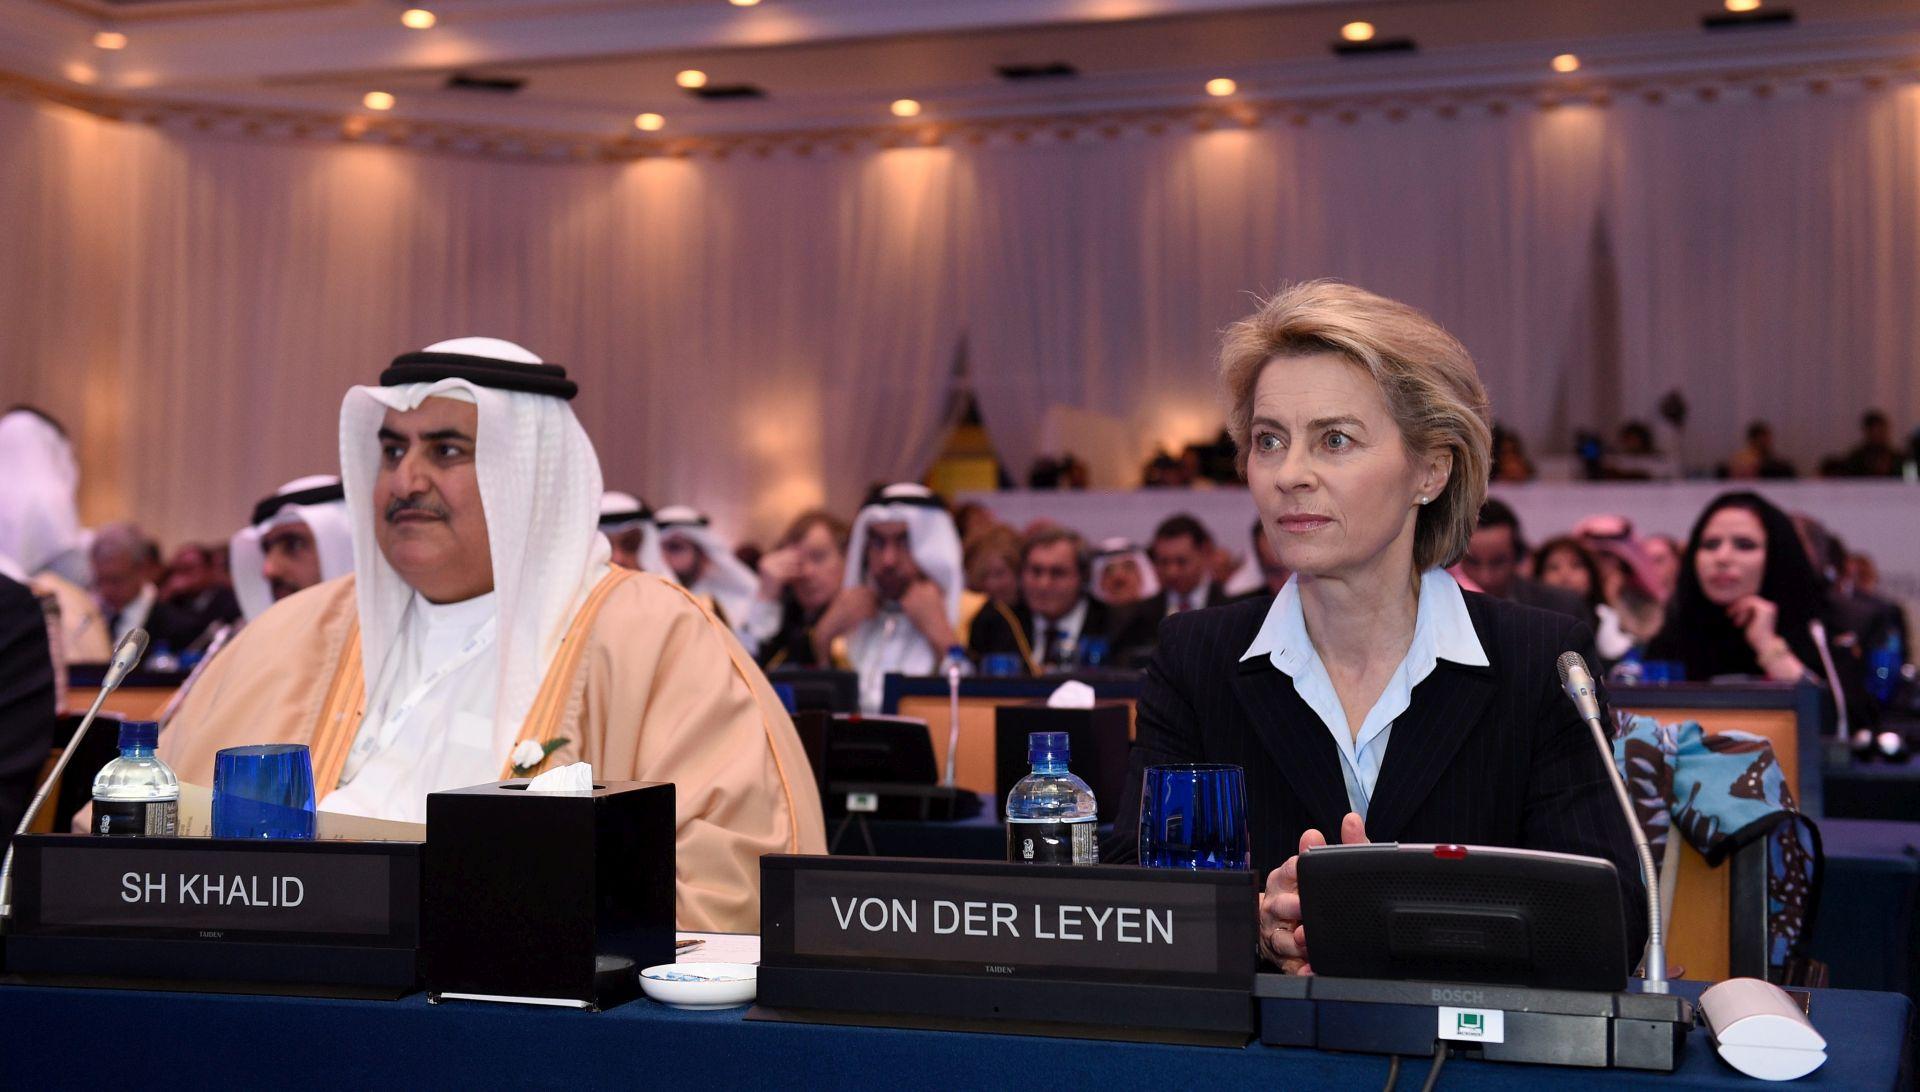 Njemačka ministrica odbila odjenuti burku tijekom posjeta Saudijskoj Arabiji